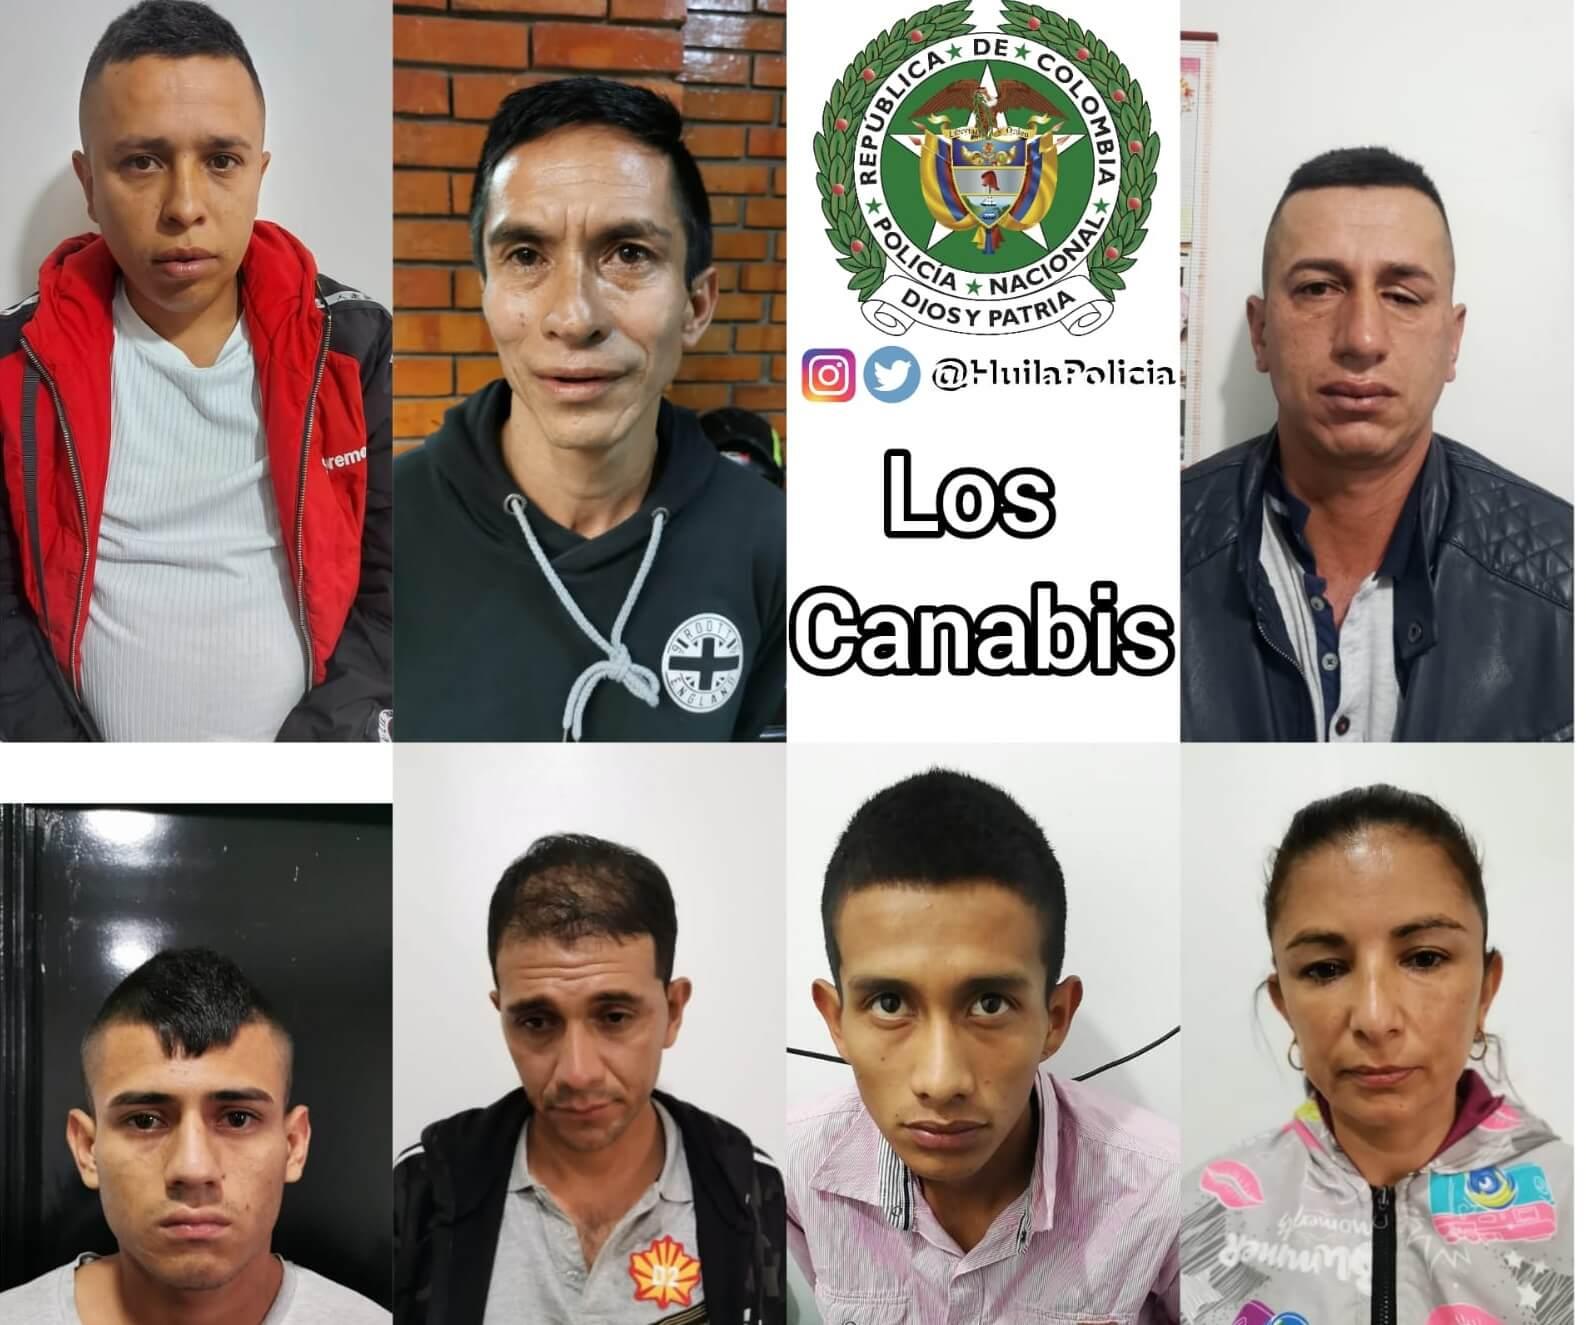 Cayó el grupo delincuencial 'Los Canabis' en Pitalito